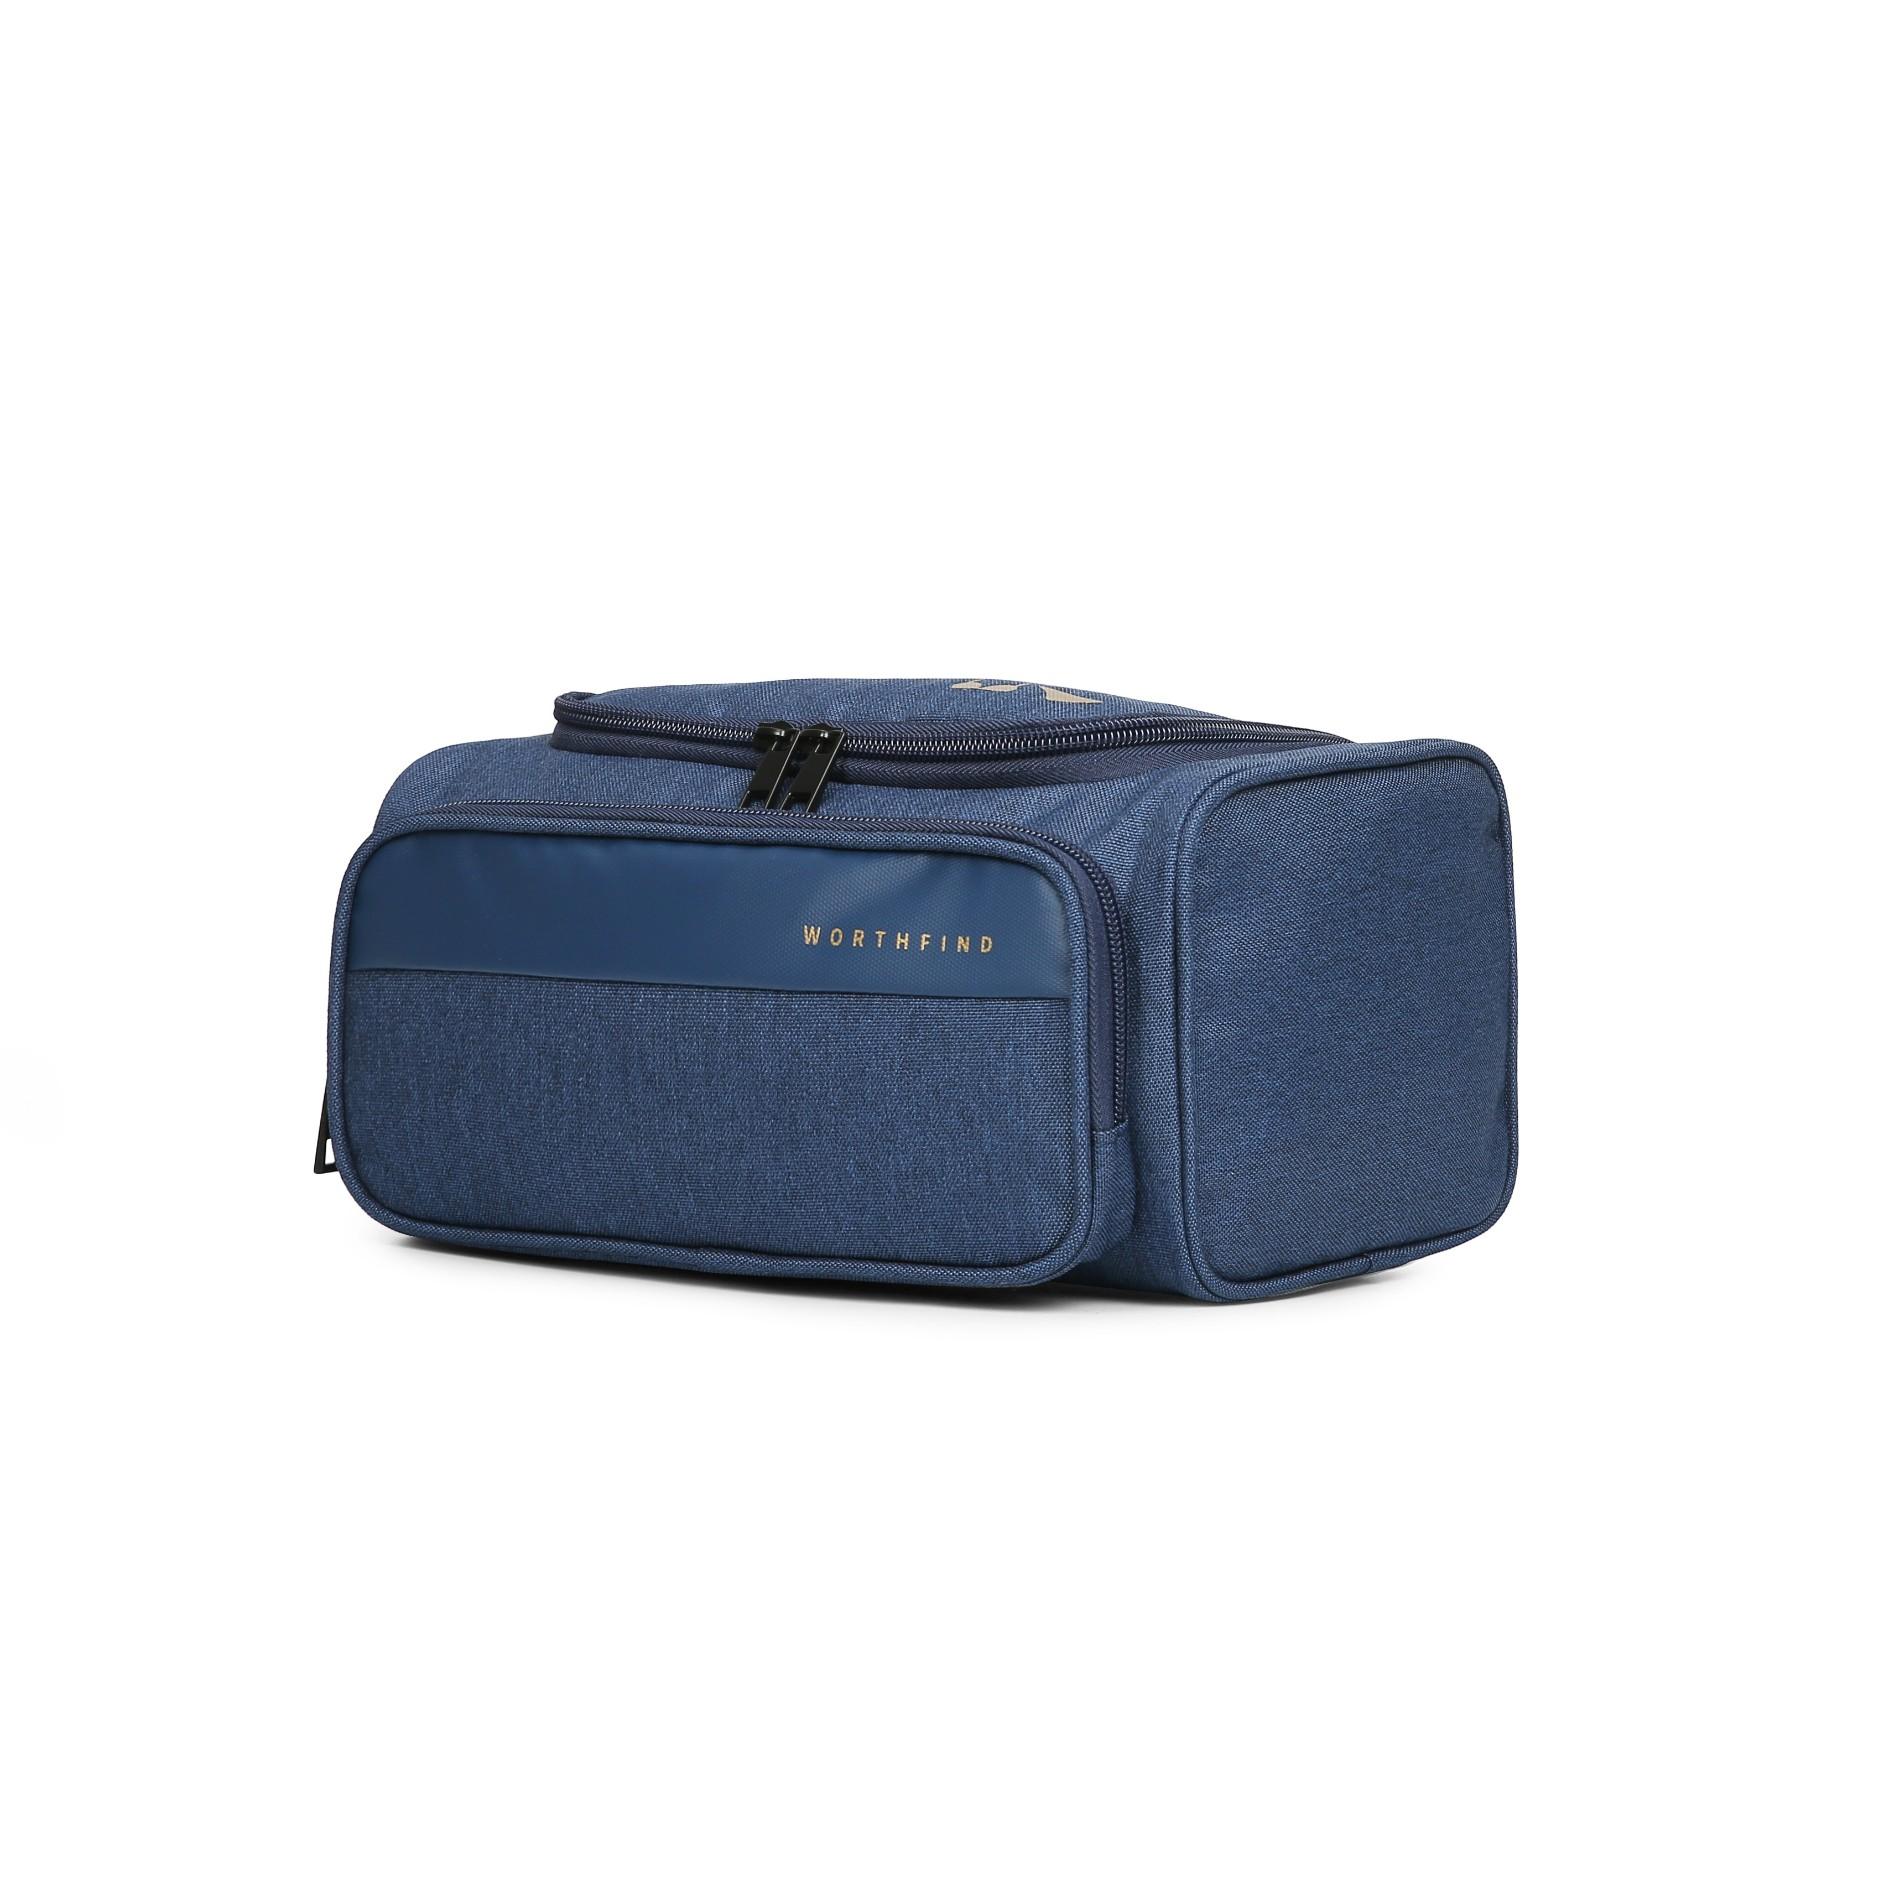 شراء حقيبة تخزين الملابس ,حقيبة تخزين الملابس الأسعار ·حقيبة تخزين الملابس العلامات التجارية ,حقيبة تخزين الملابس الصانع ,حقيبة تخزين الملابس اقتباس ·حقيبة تخزين الملابس الشركة